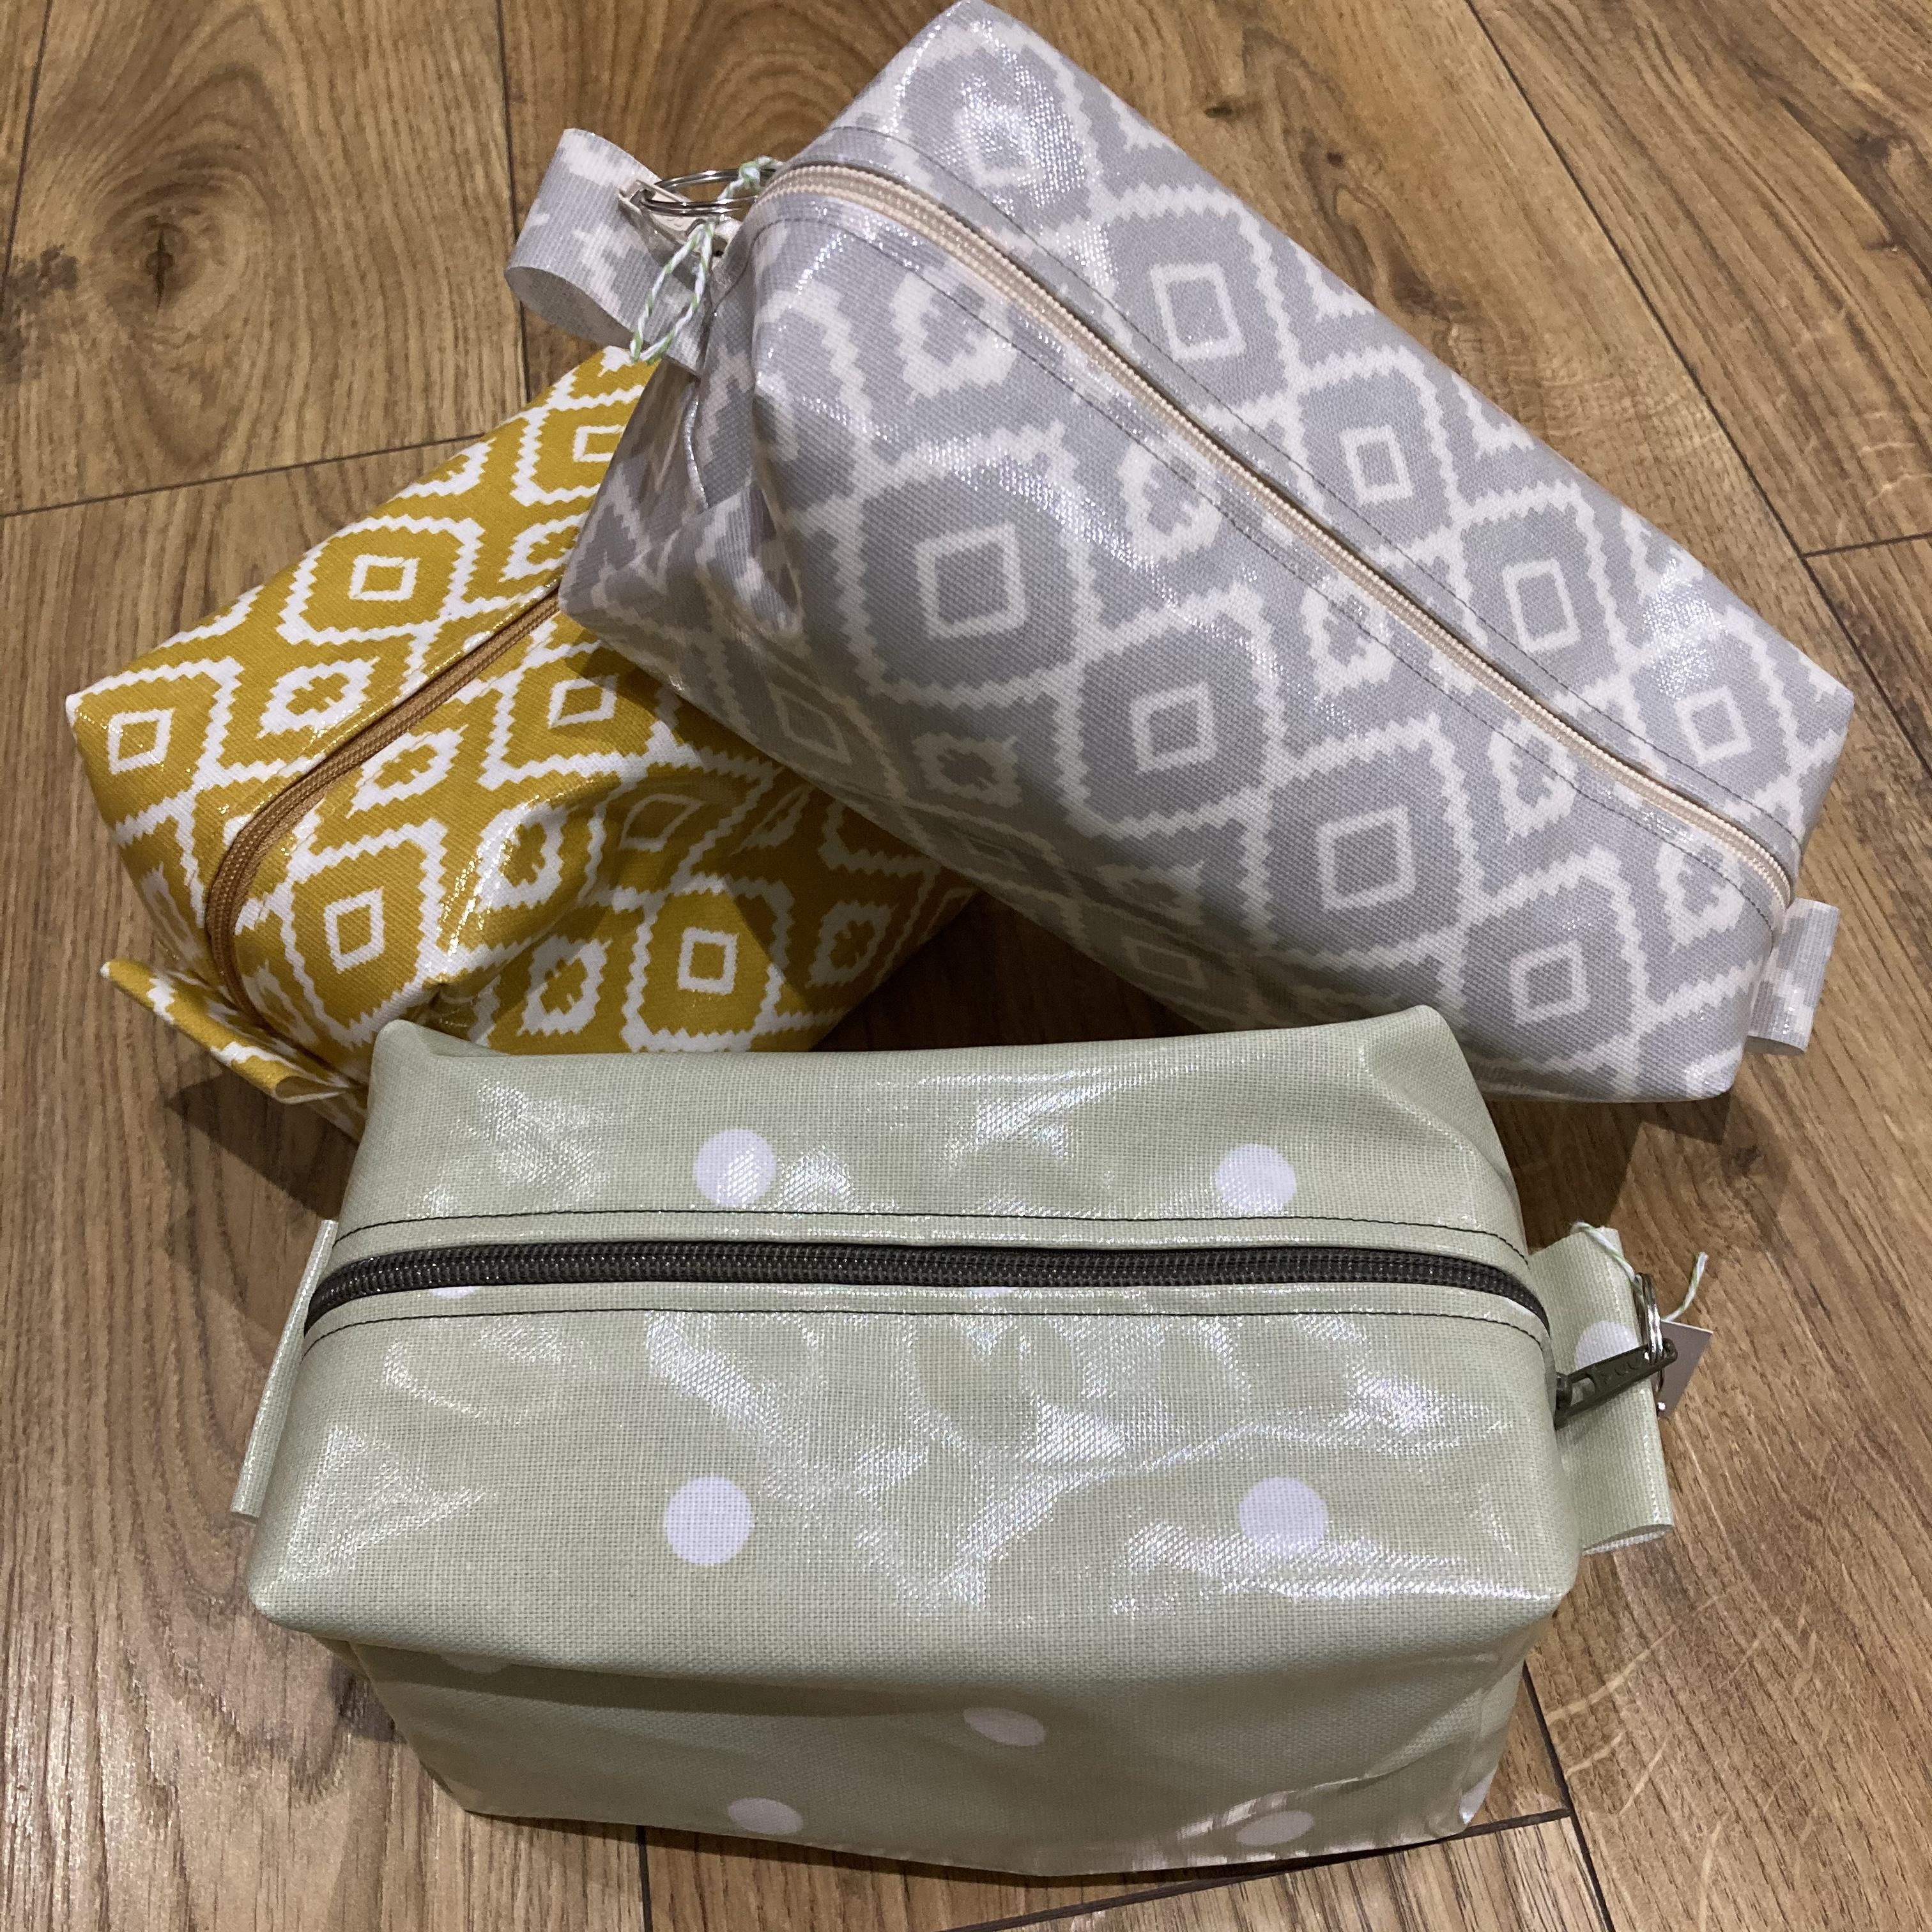 Vinyl pouch / washbag by Stella's Stitchcraft - various designs